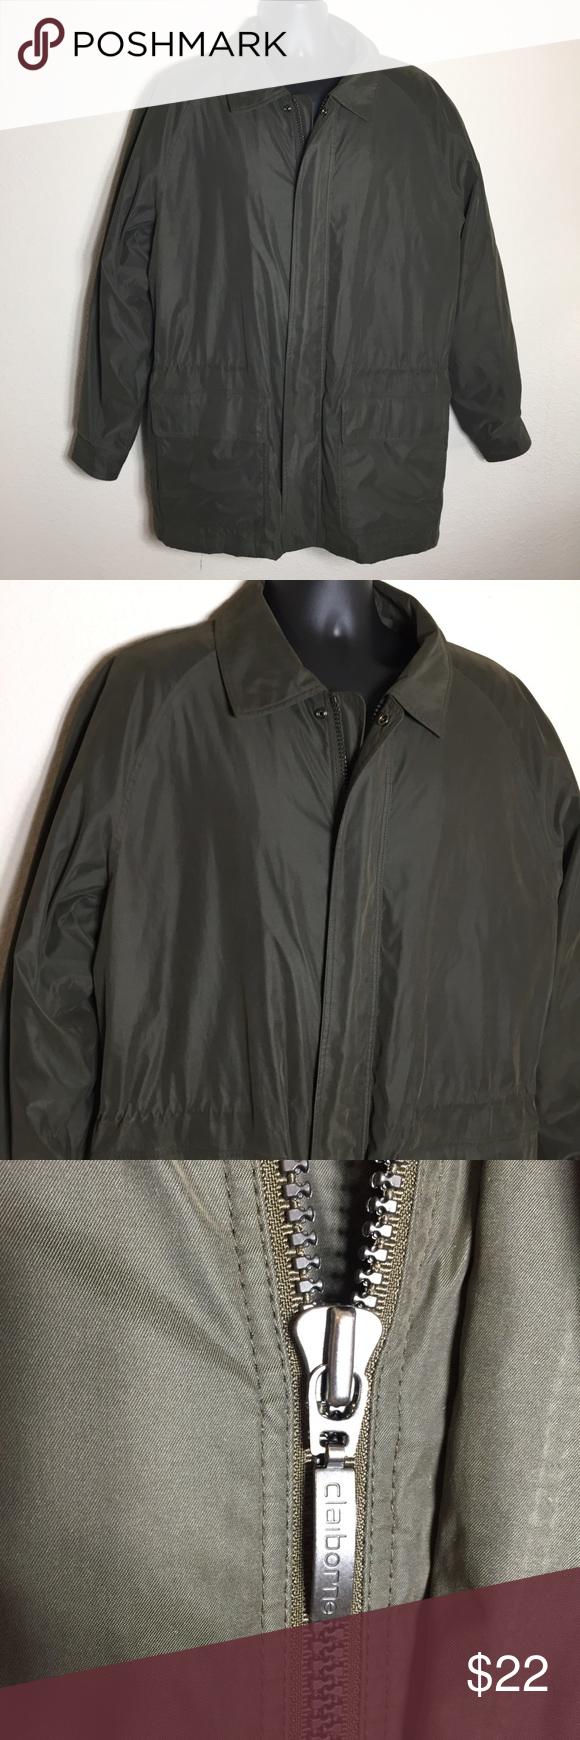 Claiborne Outerwear Men S Jacket Fashion Clothes Design Fashion Design [ 1740 x 580 Pixel ]